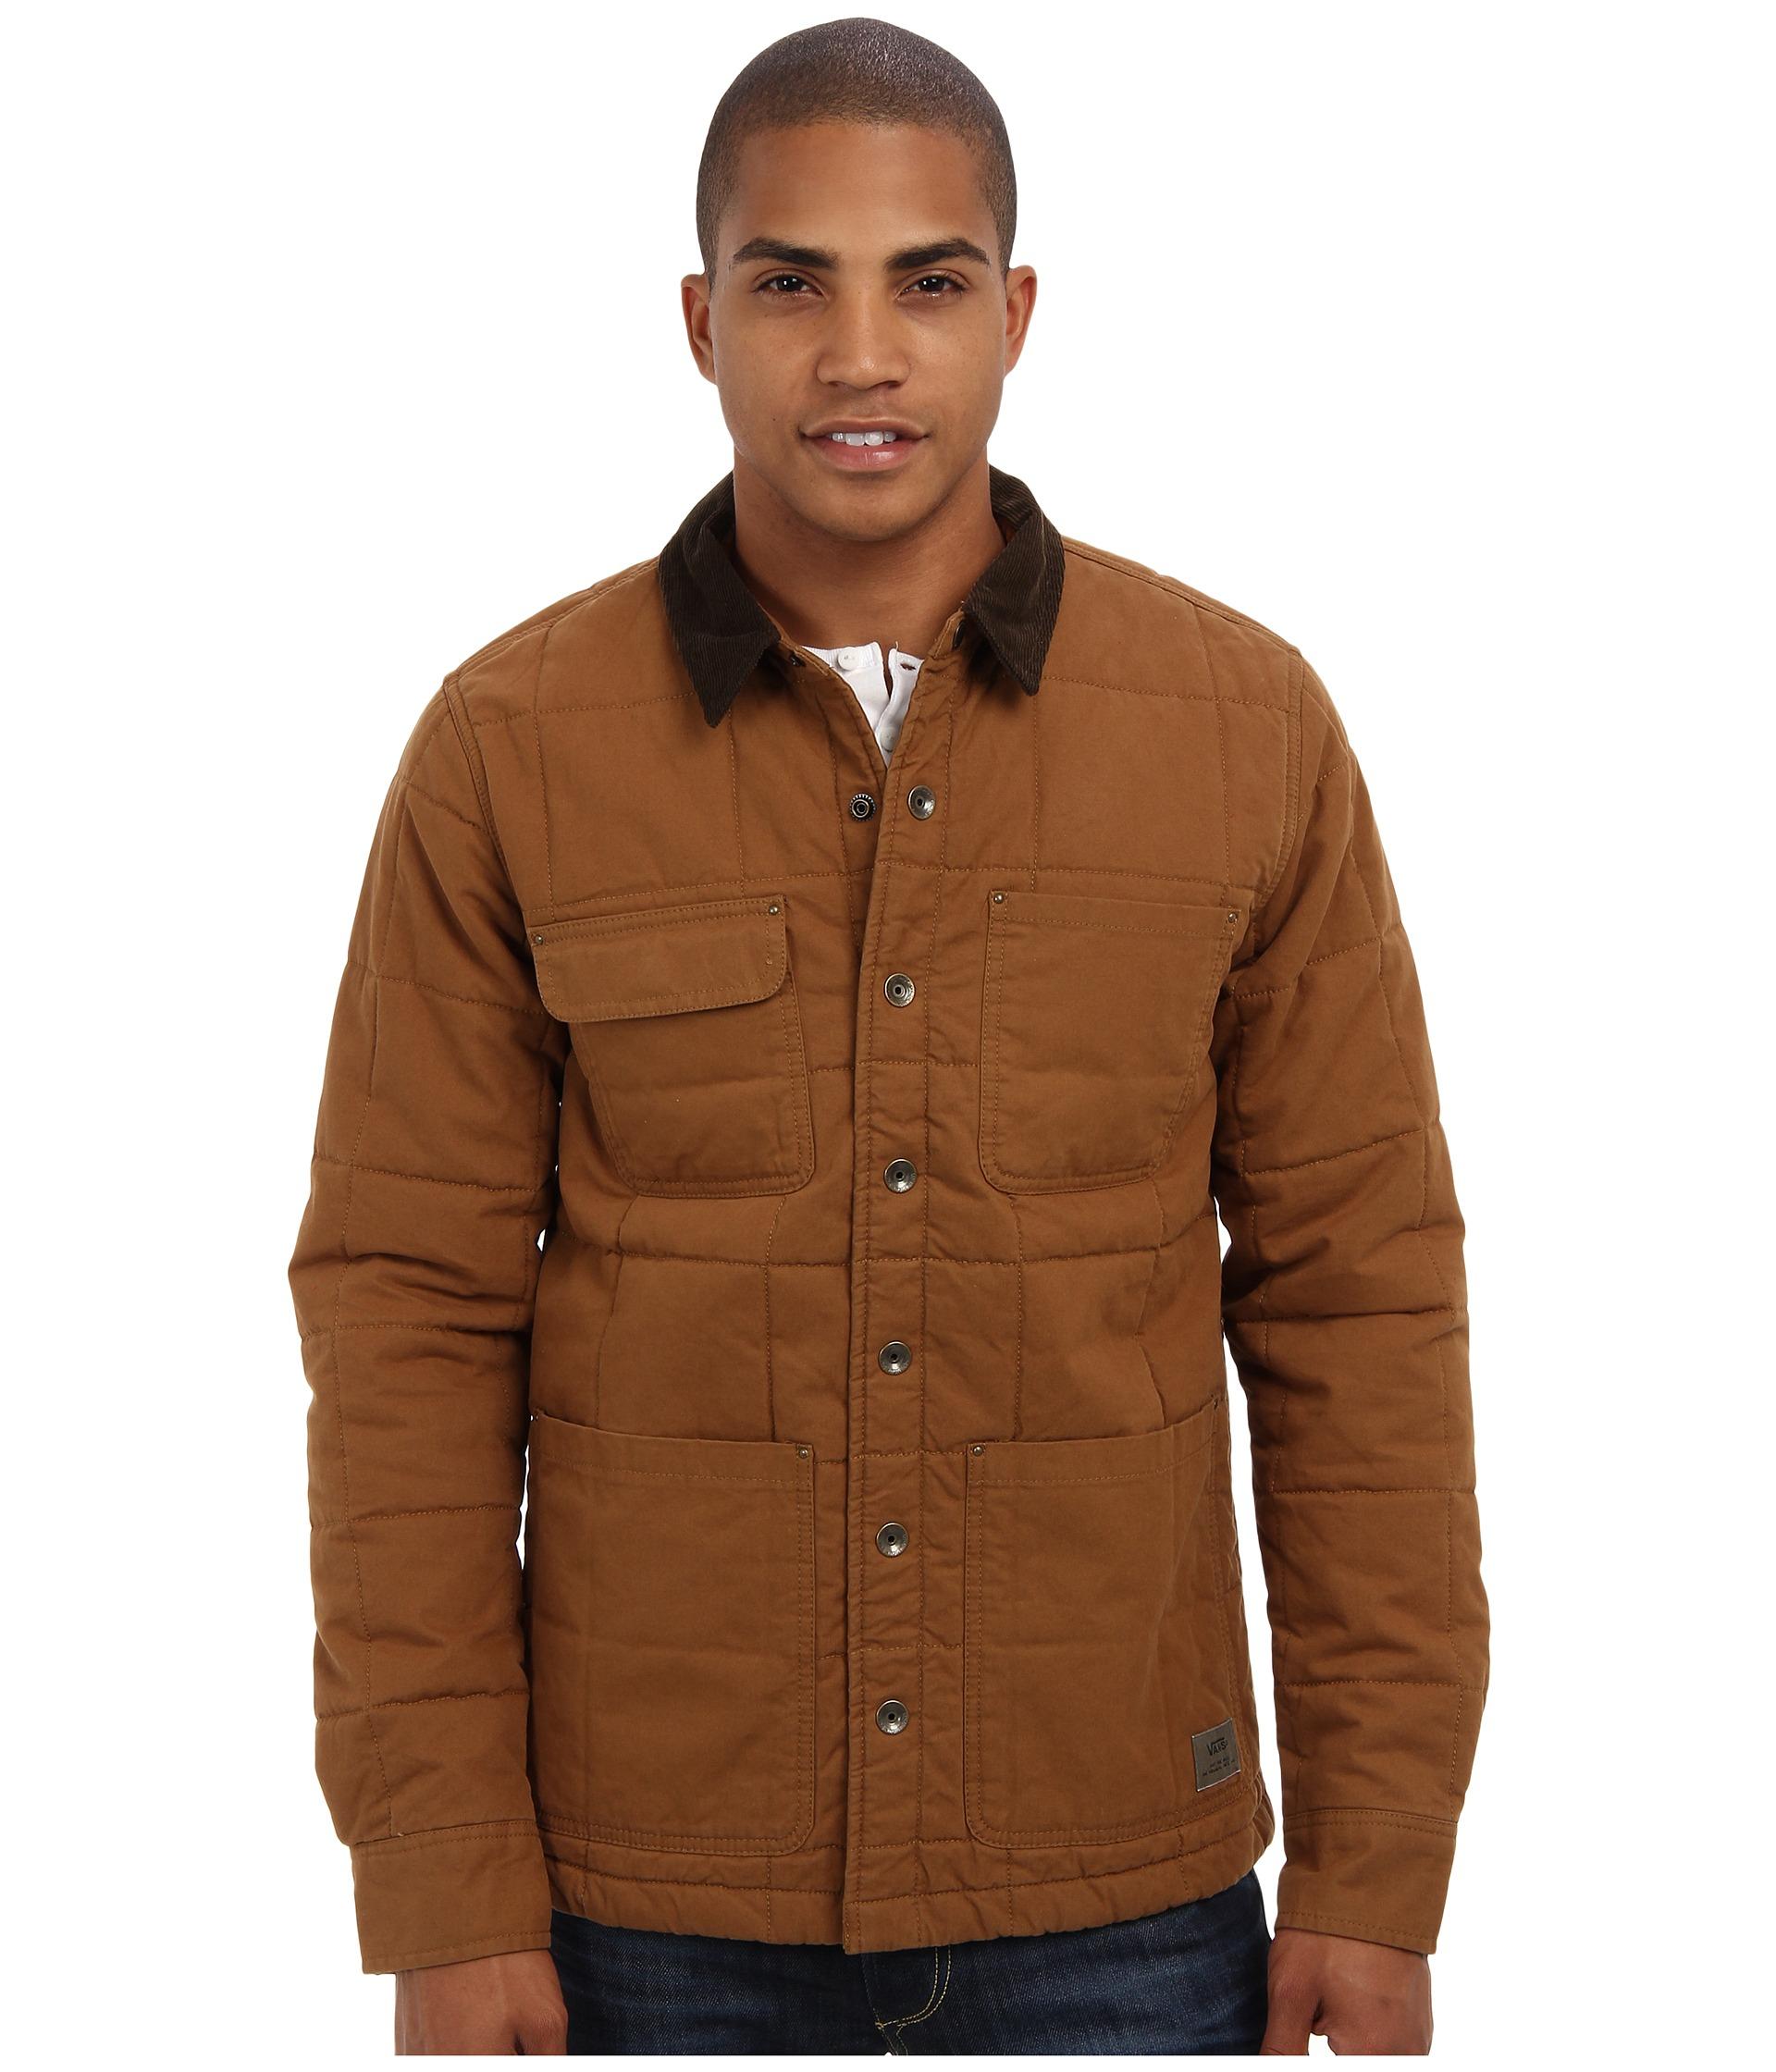 Vans Barka Jacket In Brown For Men (Rubber) | Lyst